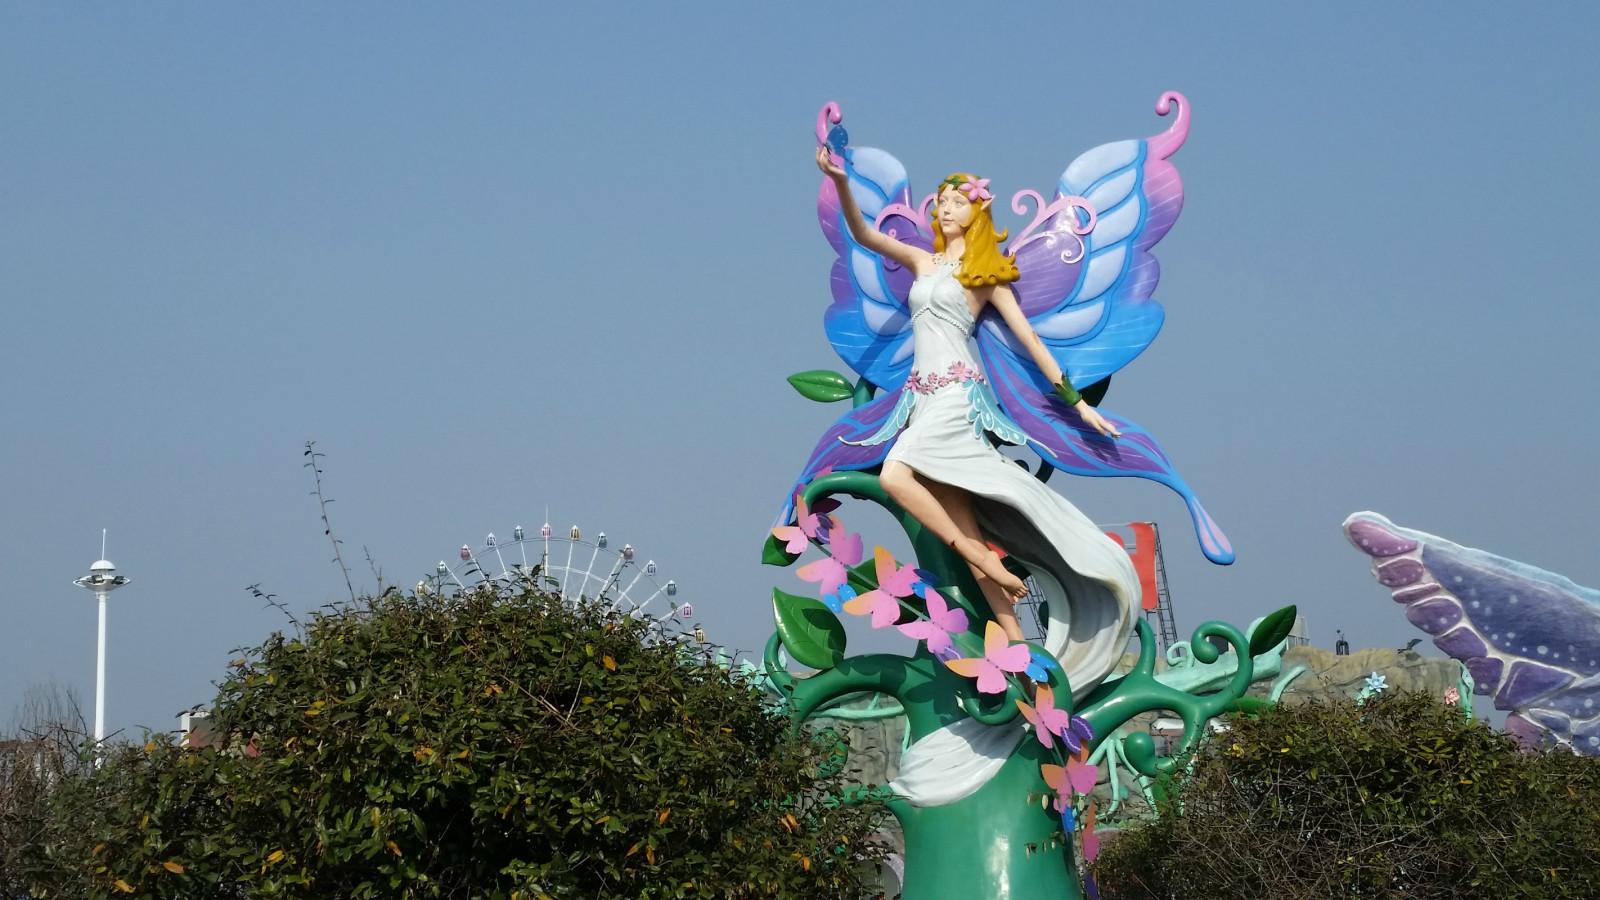 扬州乐园跨年行 12月31日至元月1日